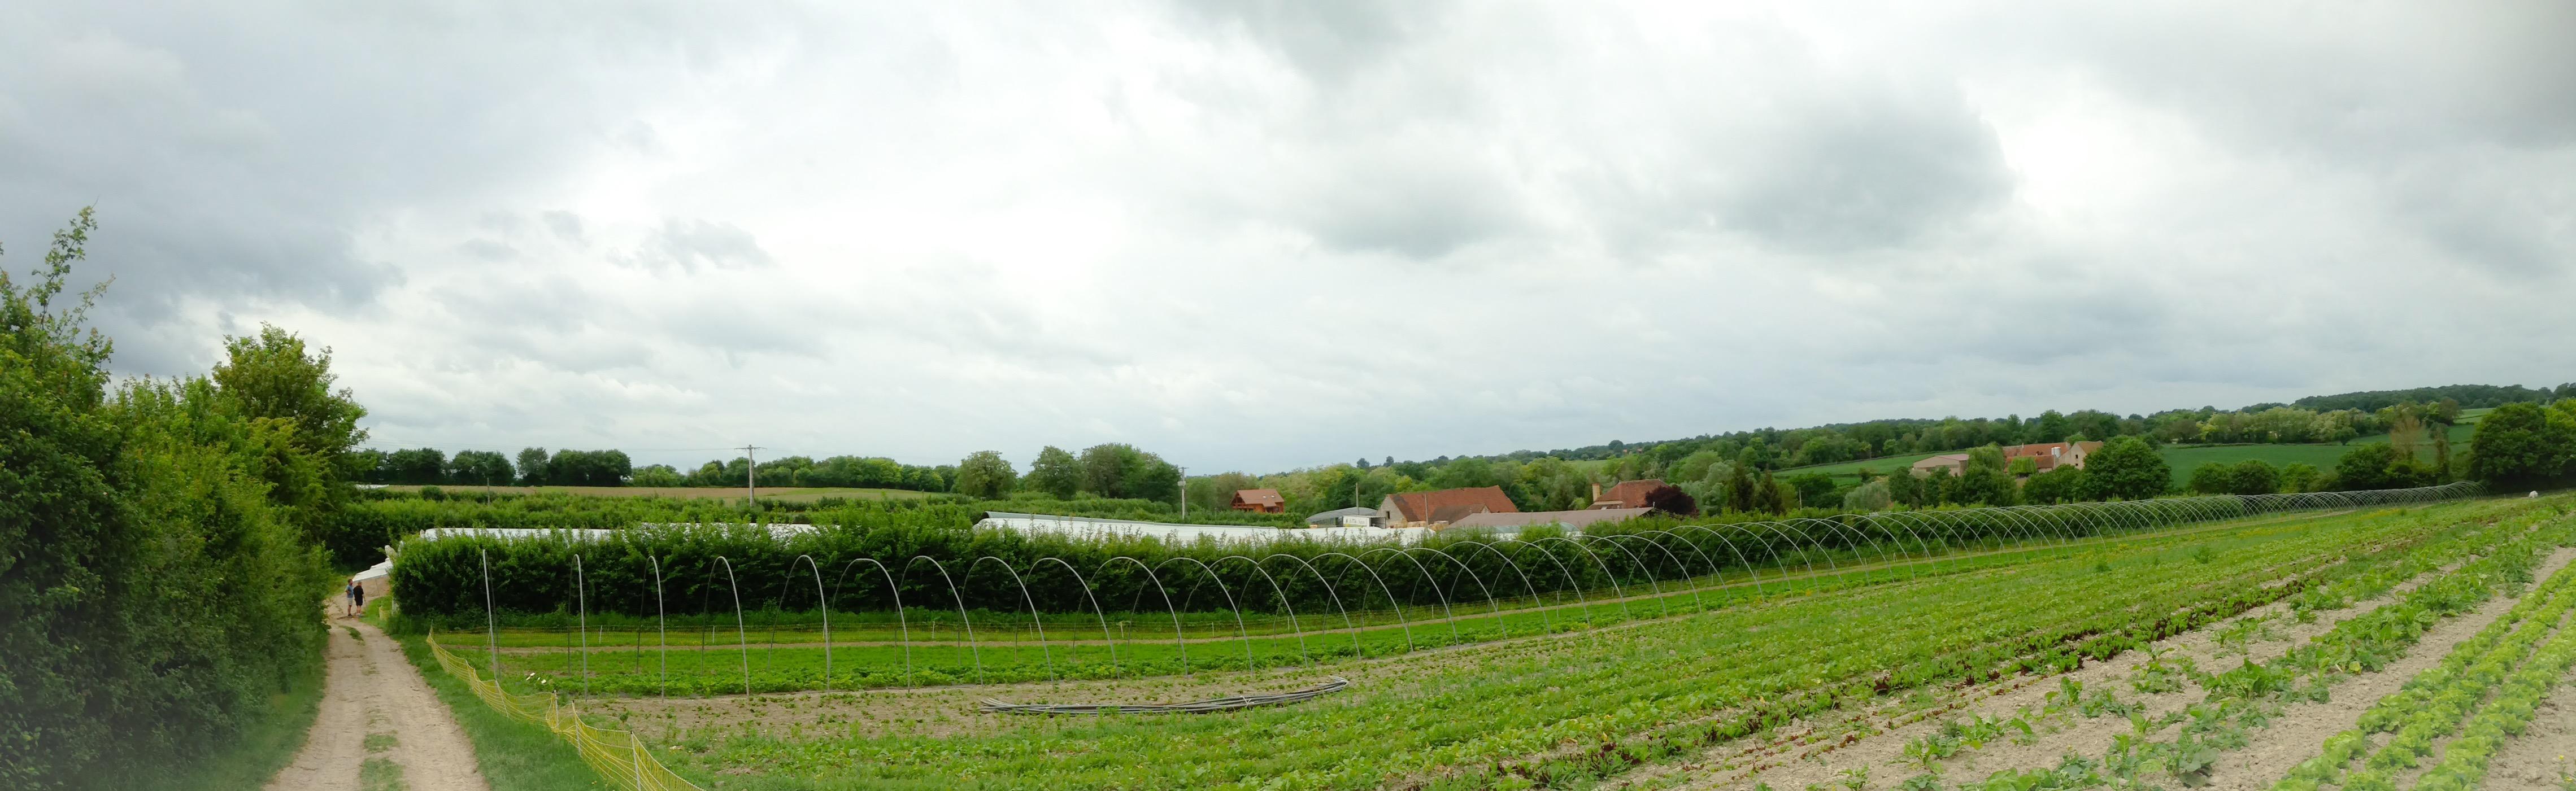 Les premiers arceaux sur la plantation de fraises